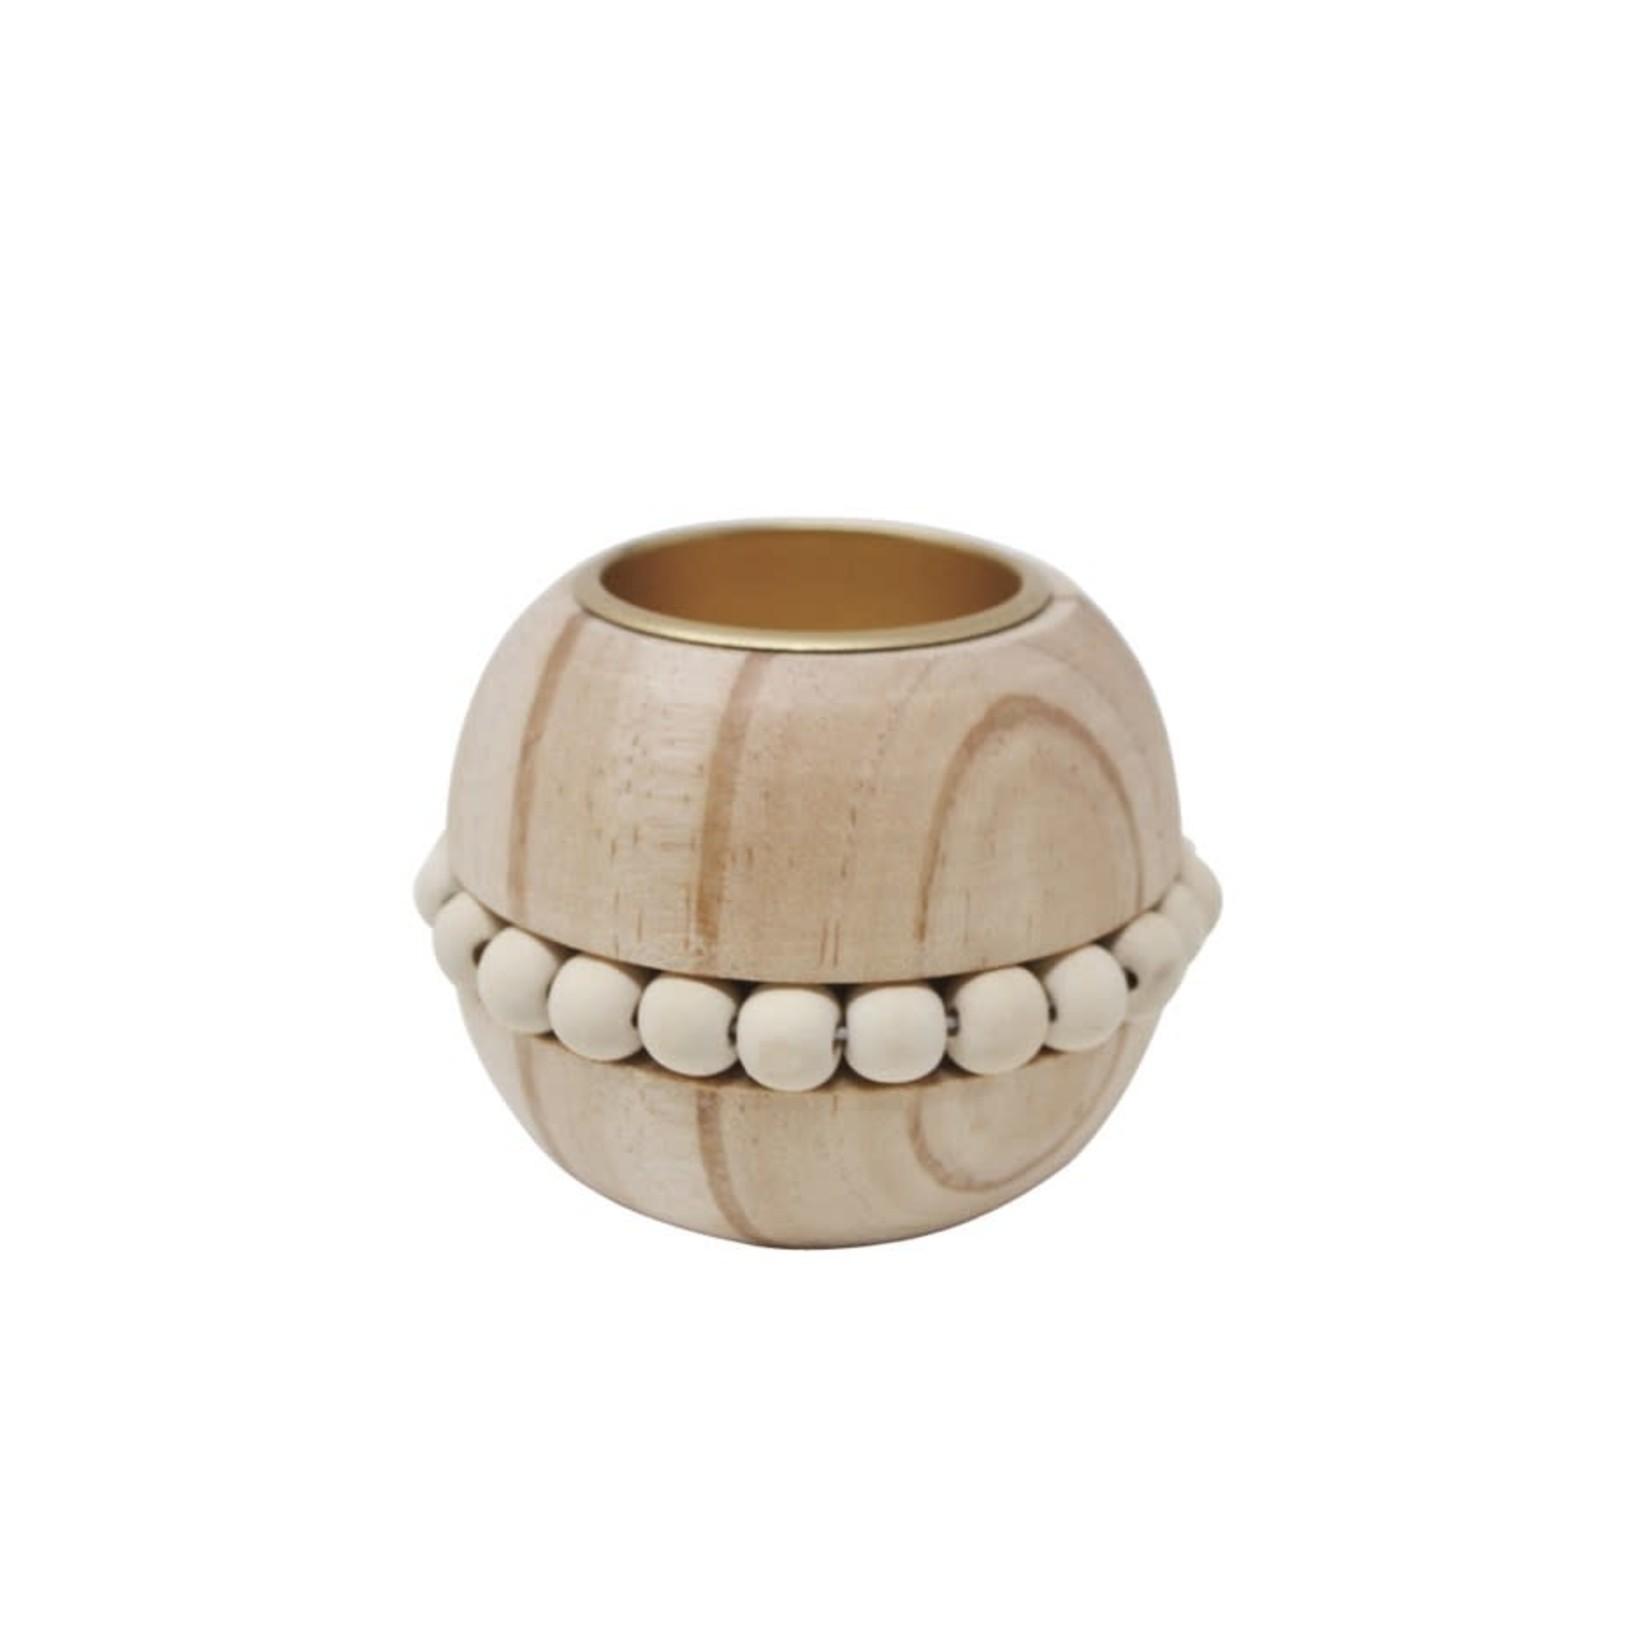 Wooden Tlight Holder w/ Beads